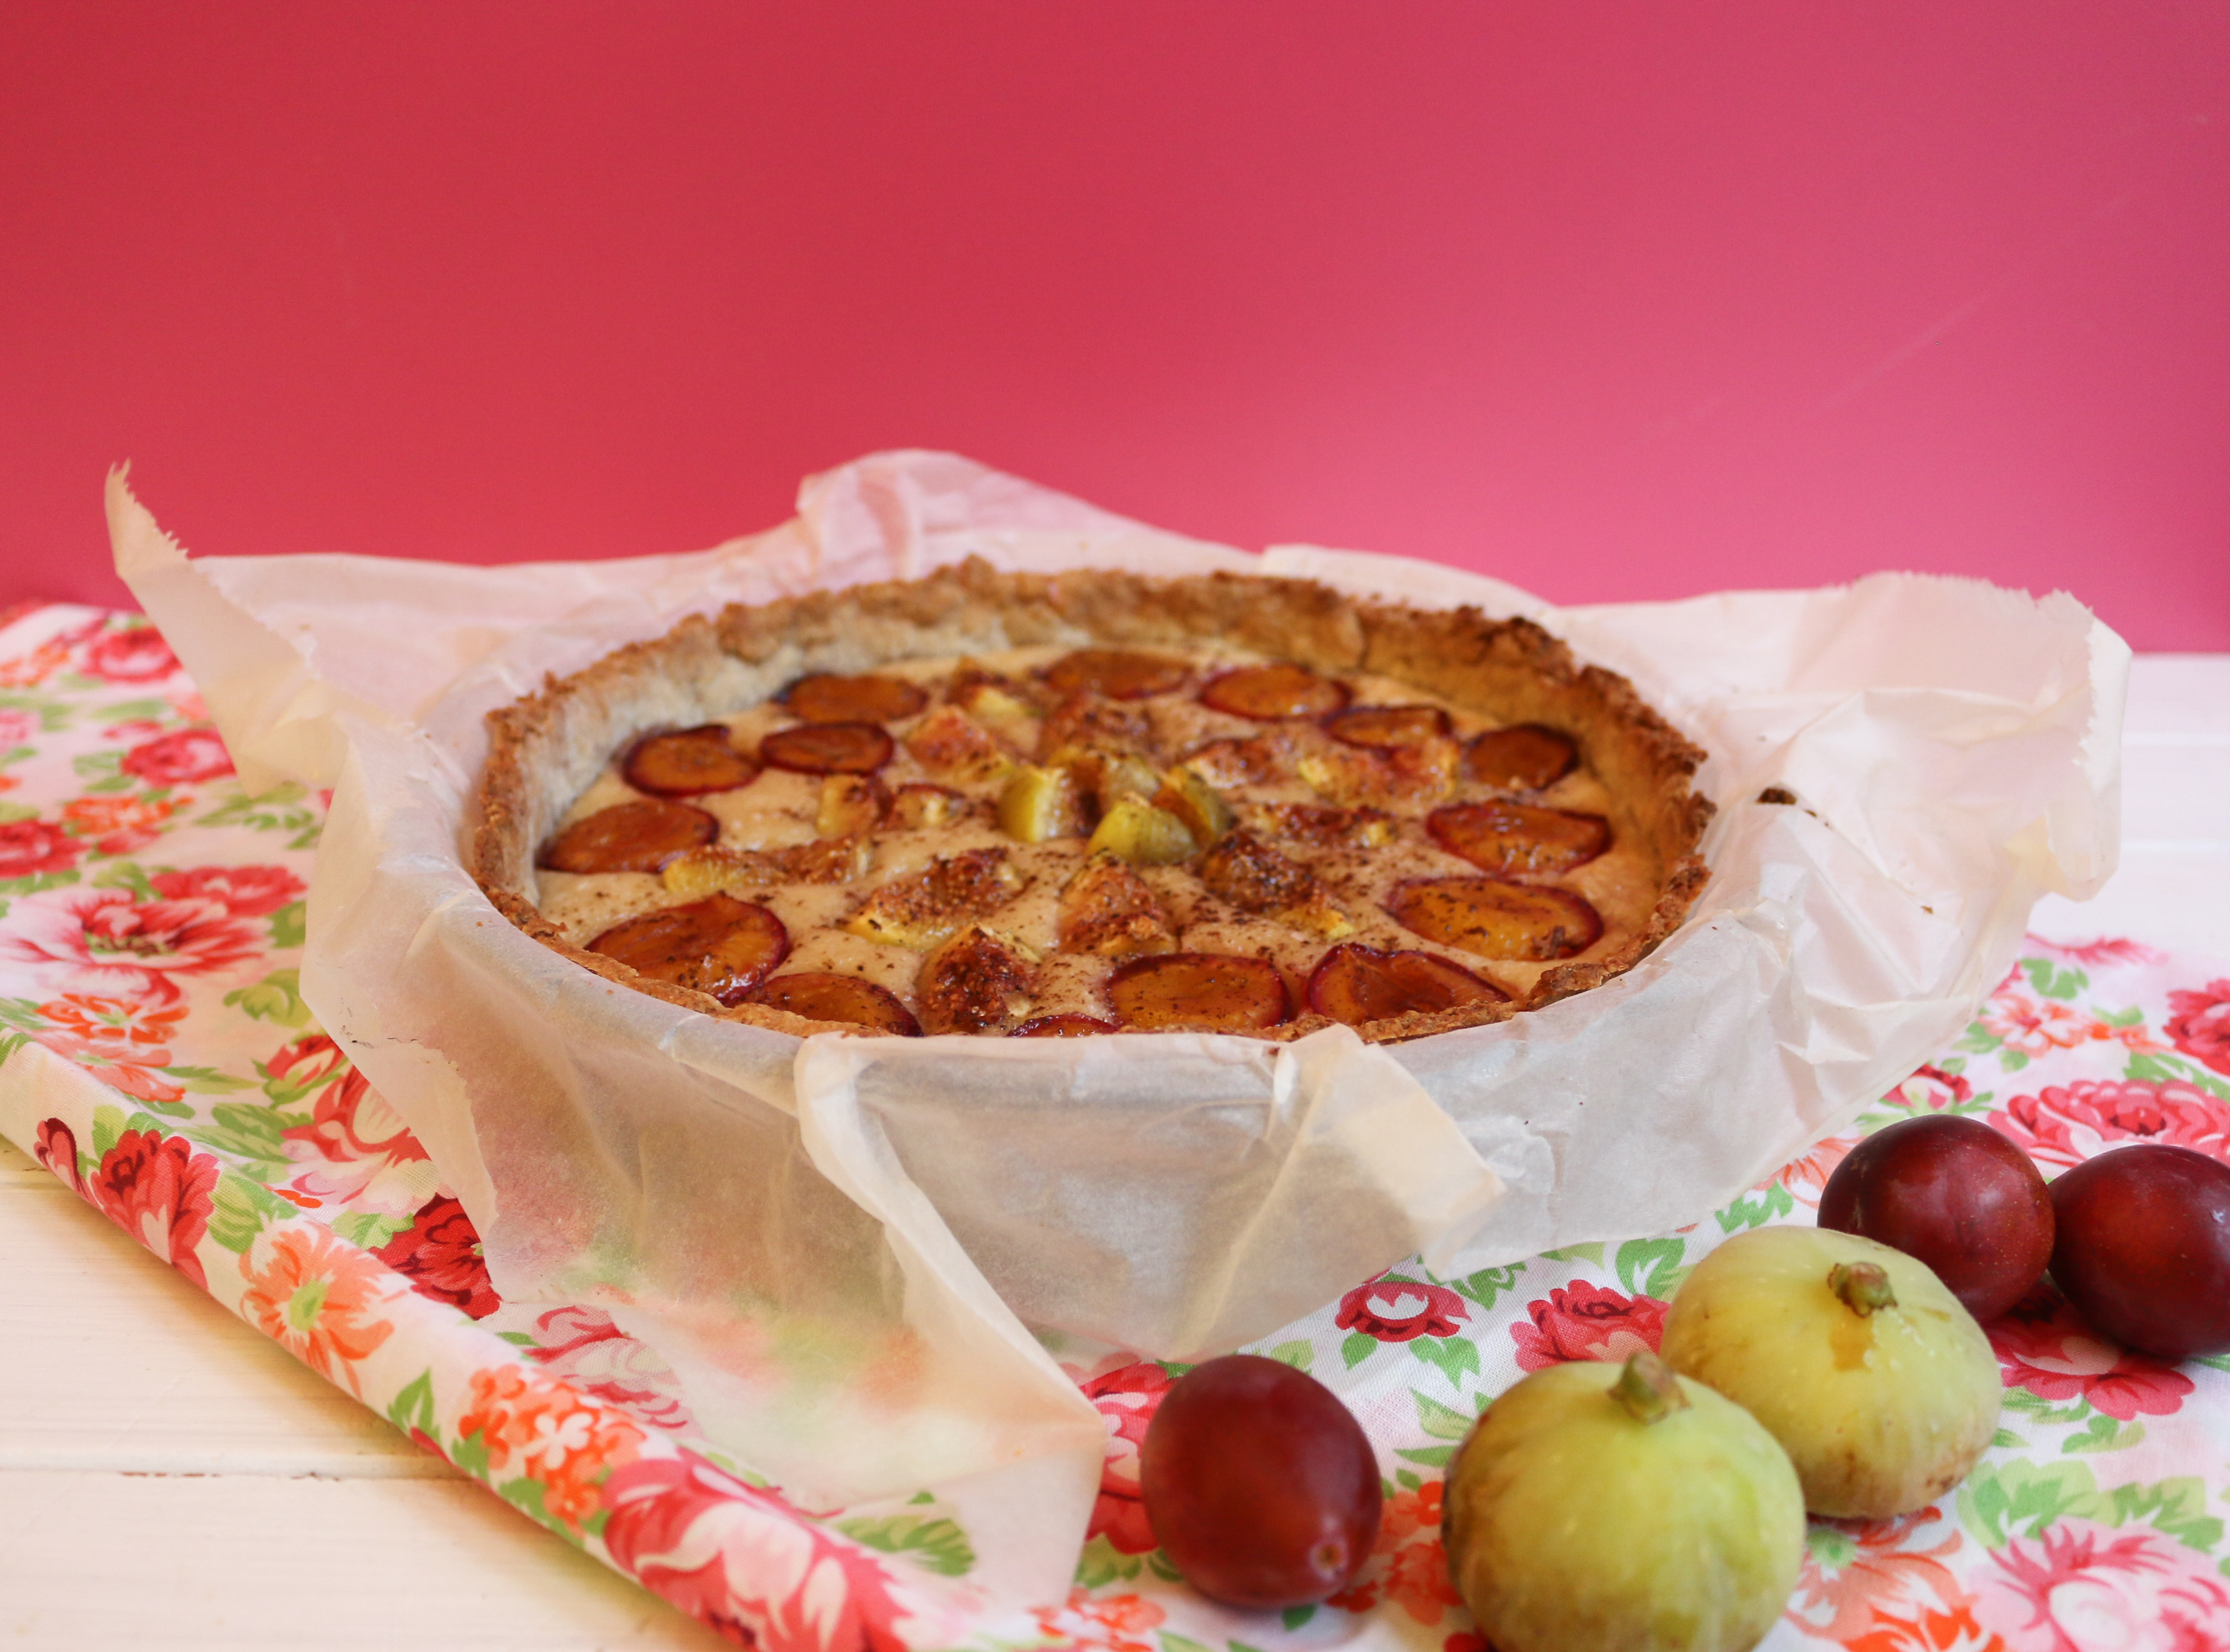 recette tarte aux figues et aux prunes façon clafoutis, vegan